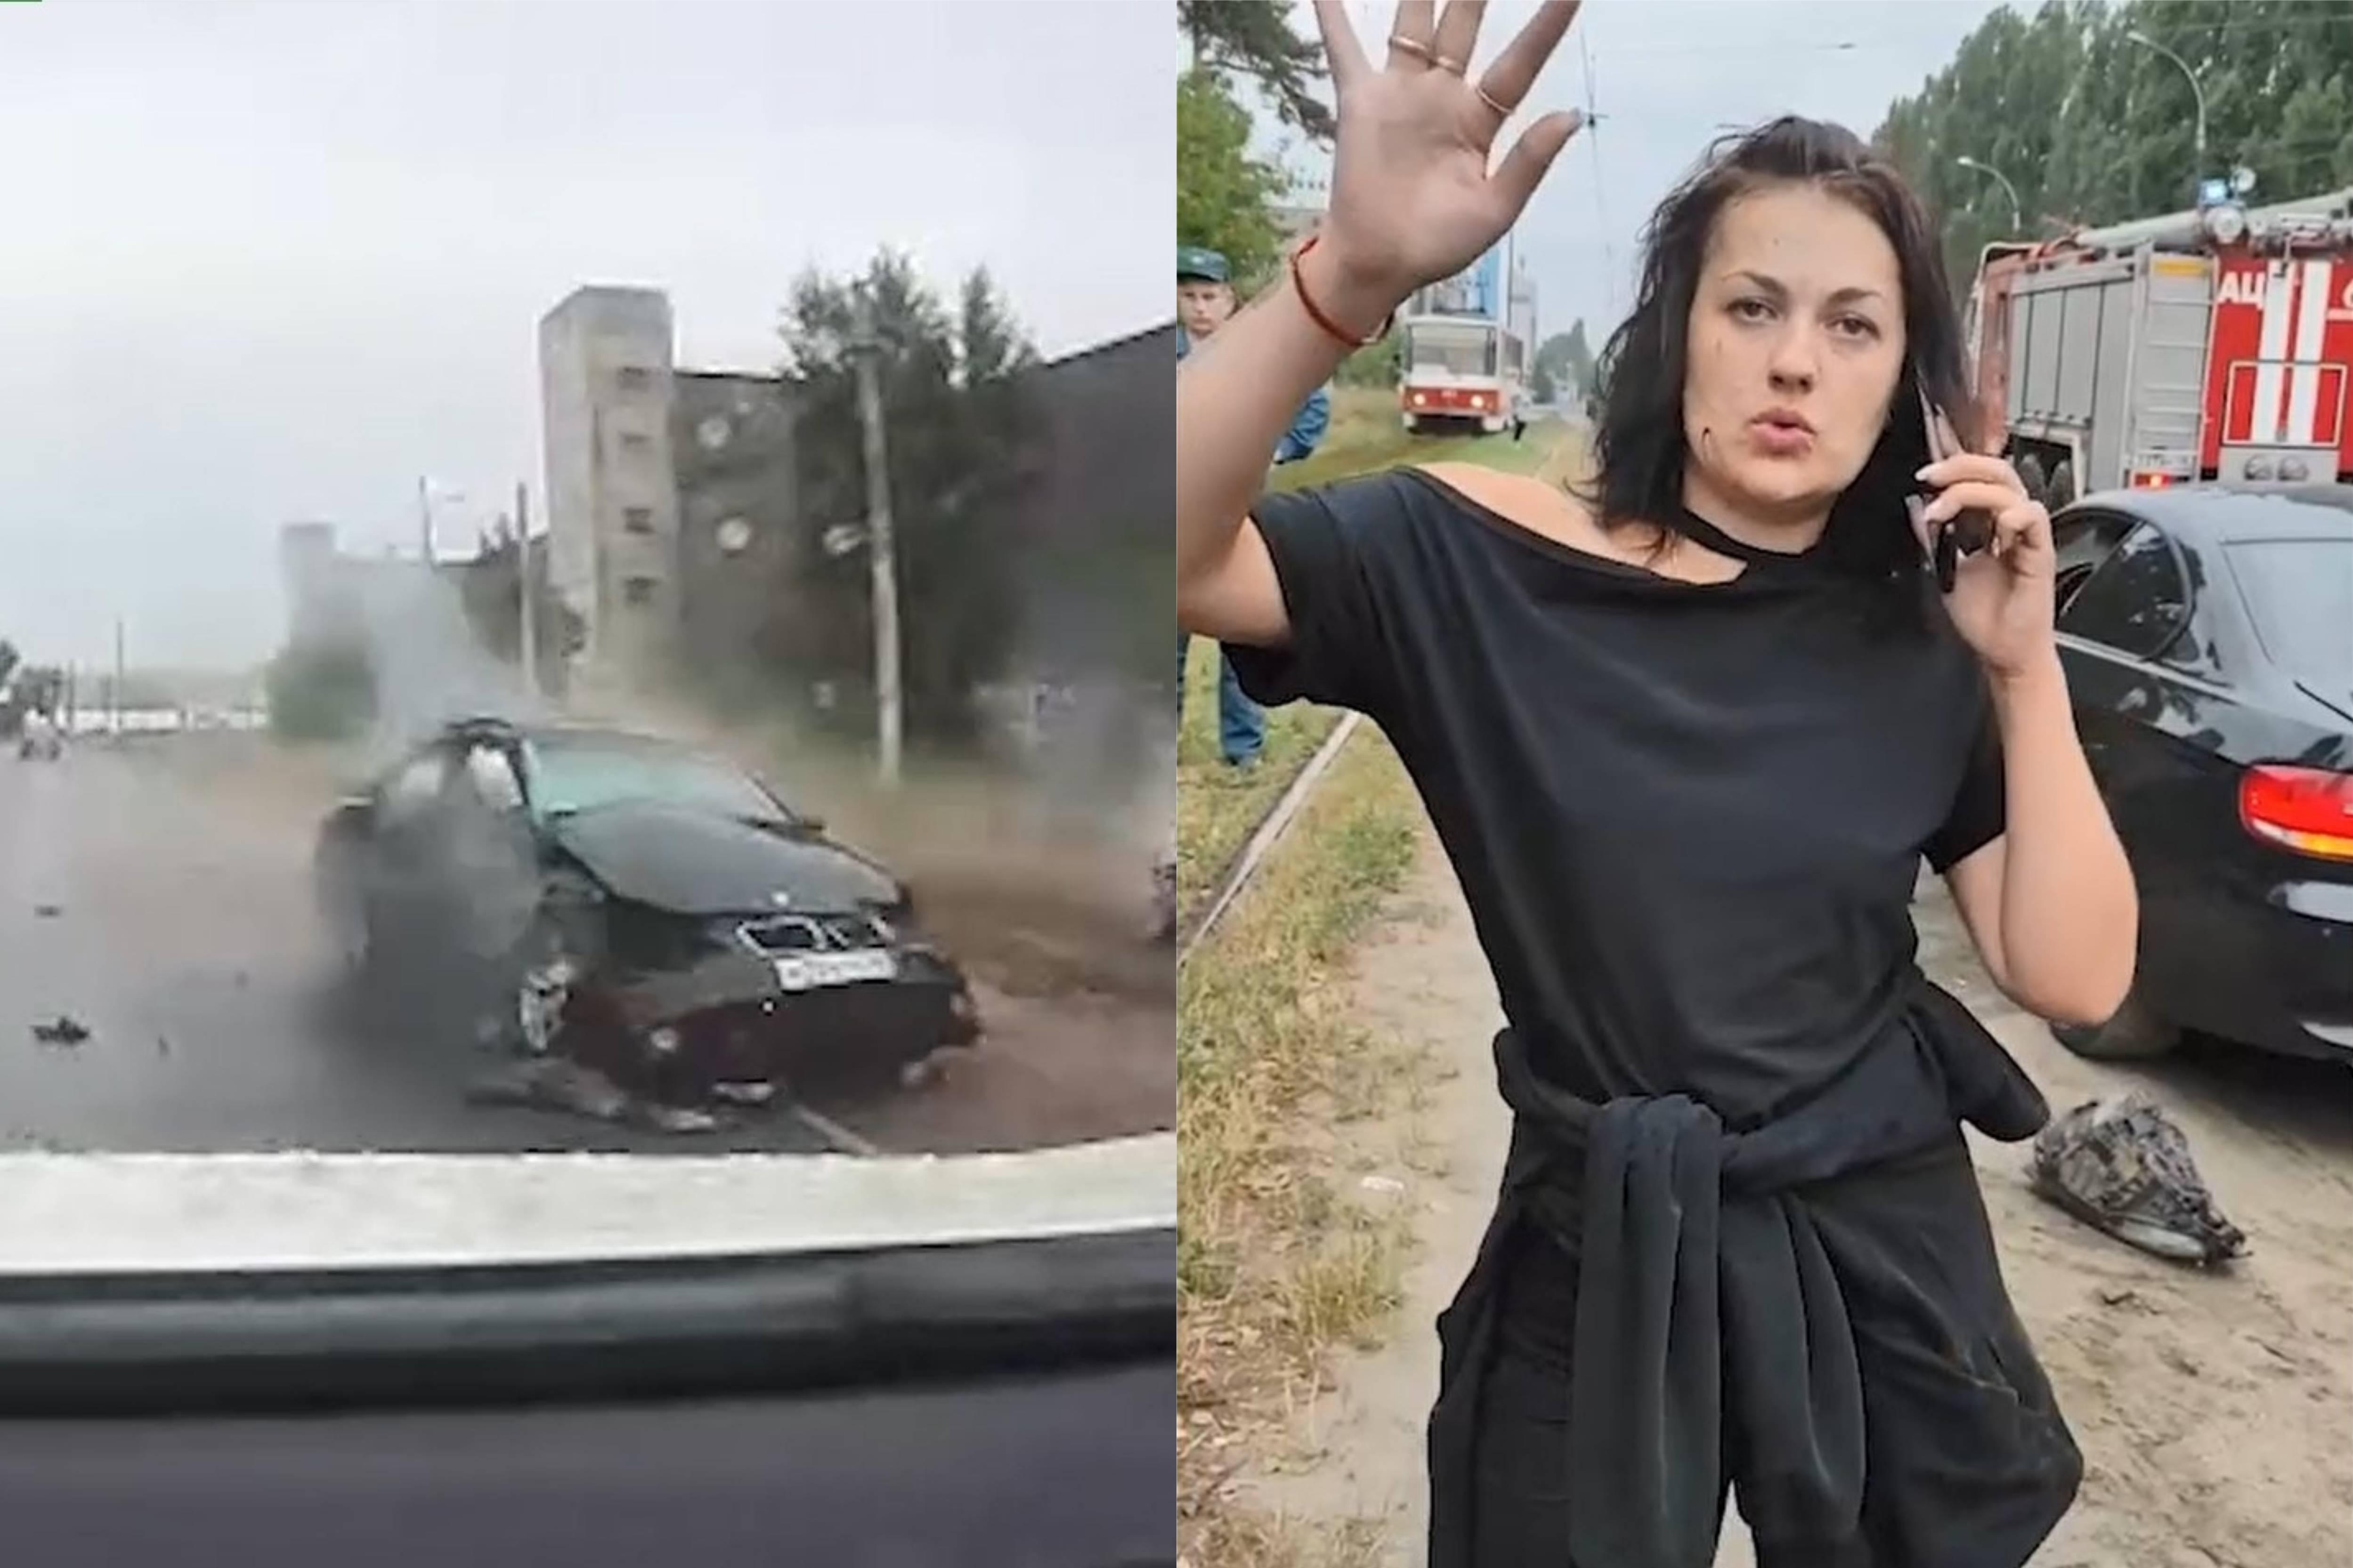 В Липецке пьяная автоледи станцевала перед камерой, врезавшись в машину с ребёнком на встречке